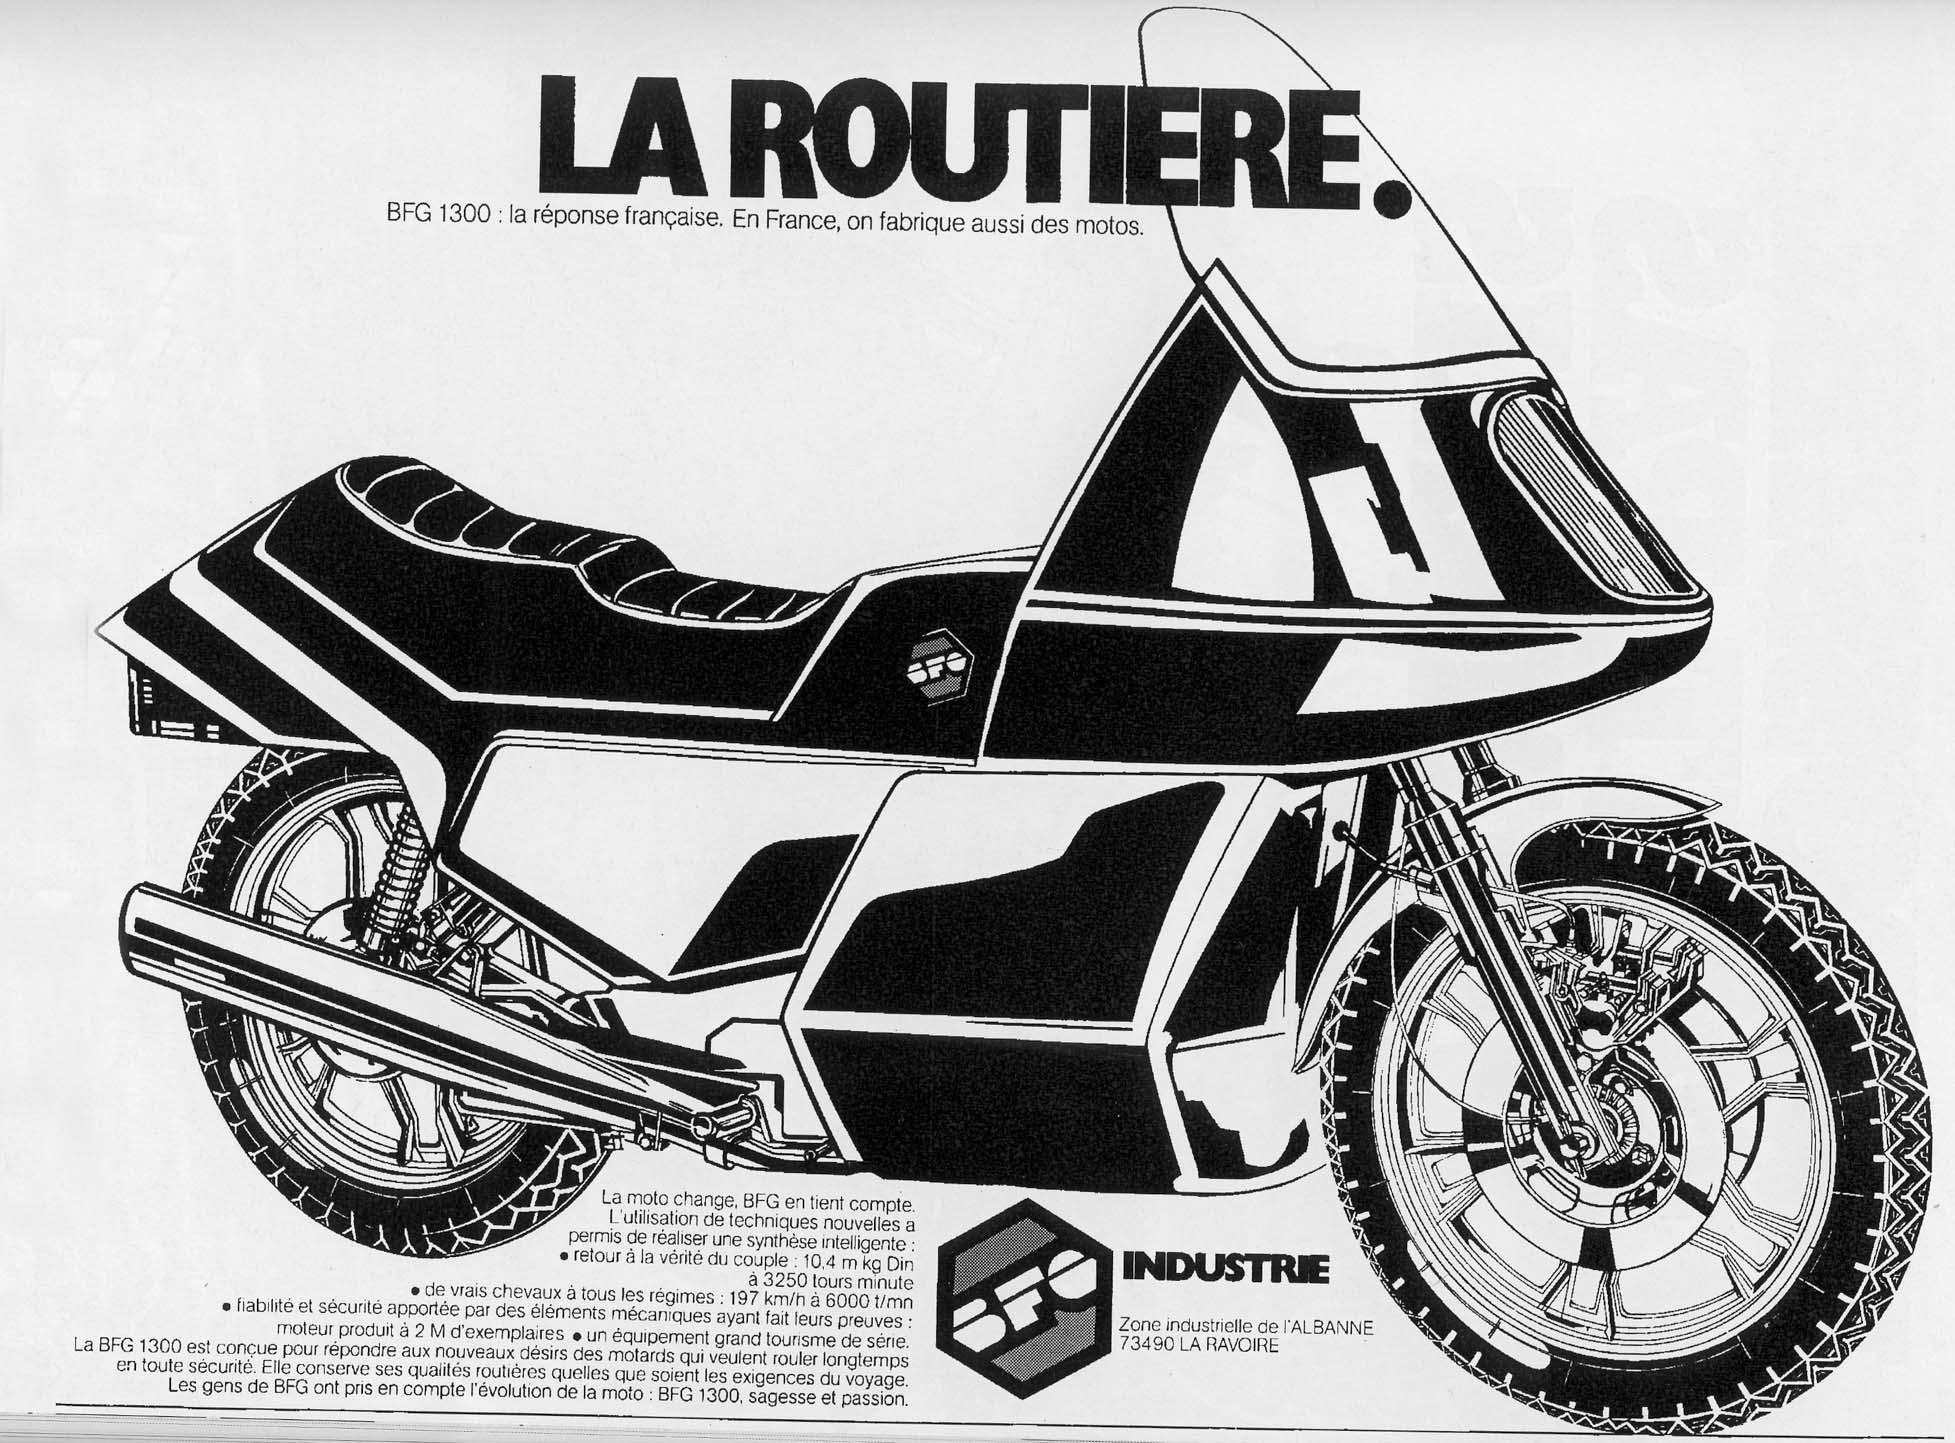 BFG:n mainos vuoden 1980 moottoripyöränäyttelyyn. Näyttelyssä esiintyneen pyörän kate oli kuvan mukaisesti huomattavasti lopullisen tuotantomallin katetta suurempi.